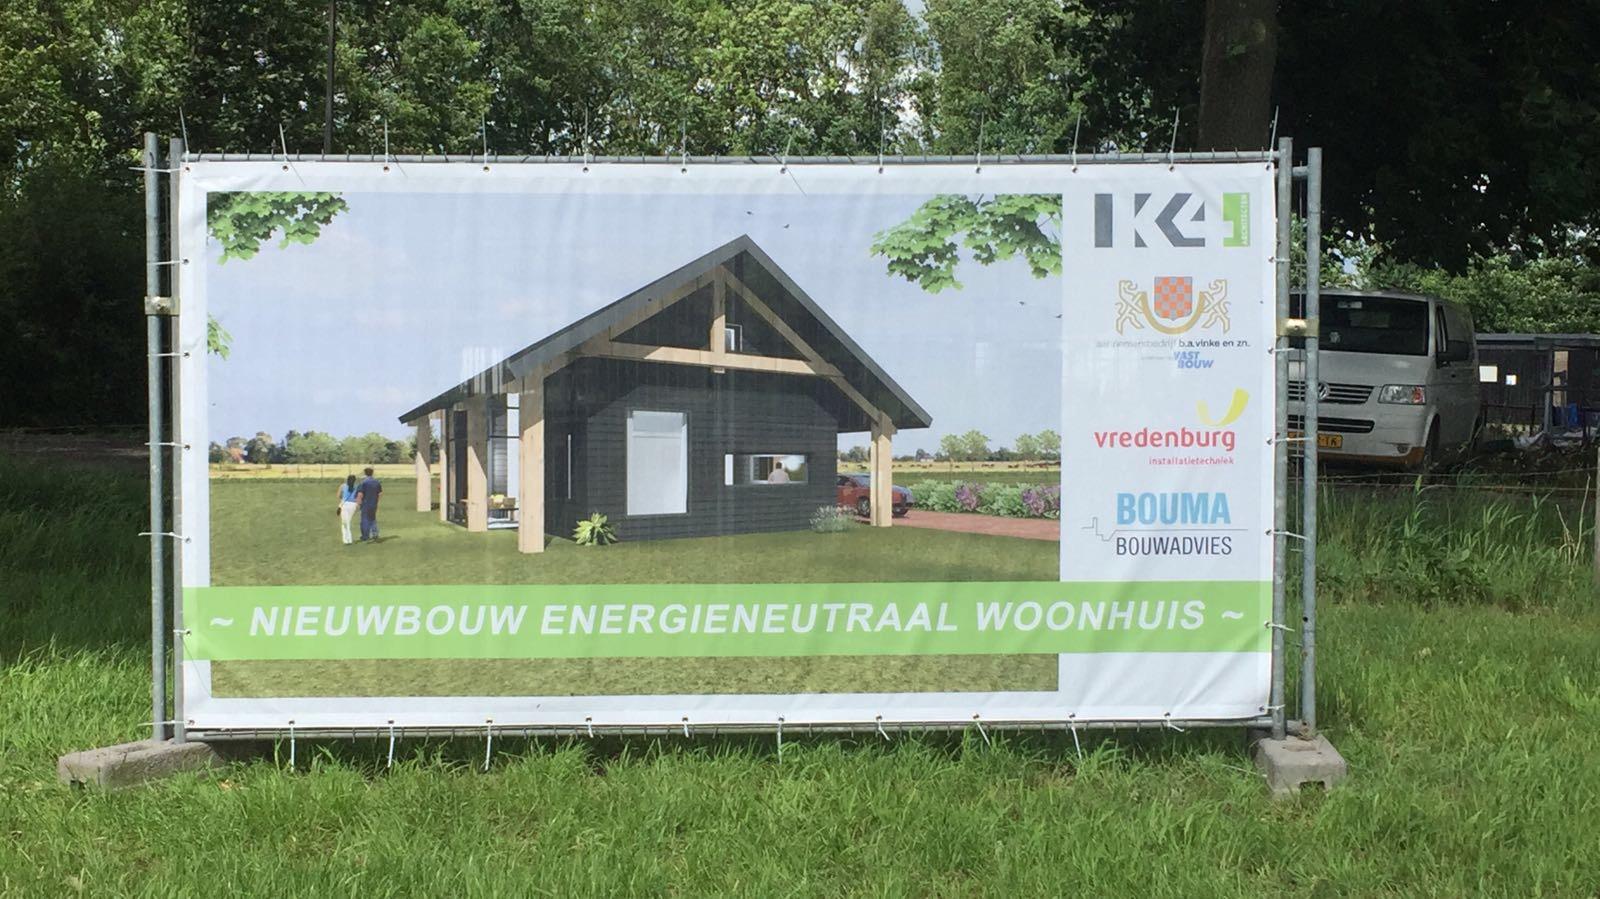 Nieuws vredenburg installatietechniek for Energieneutraal bouwen